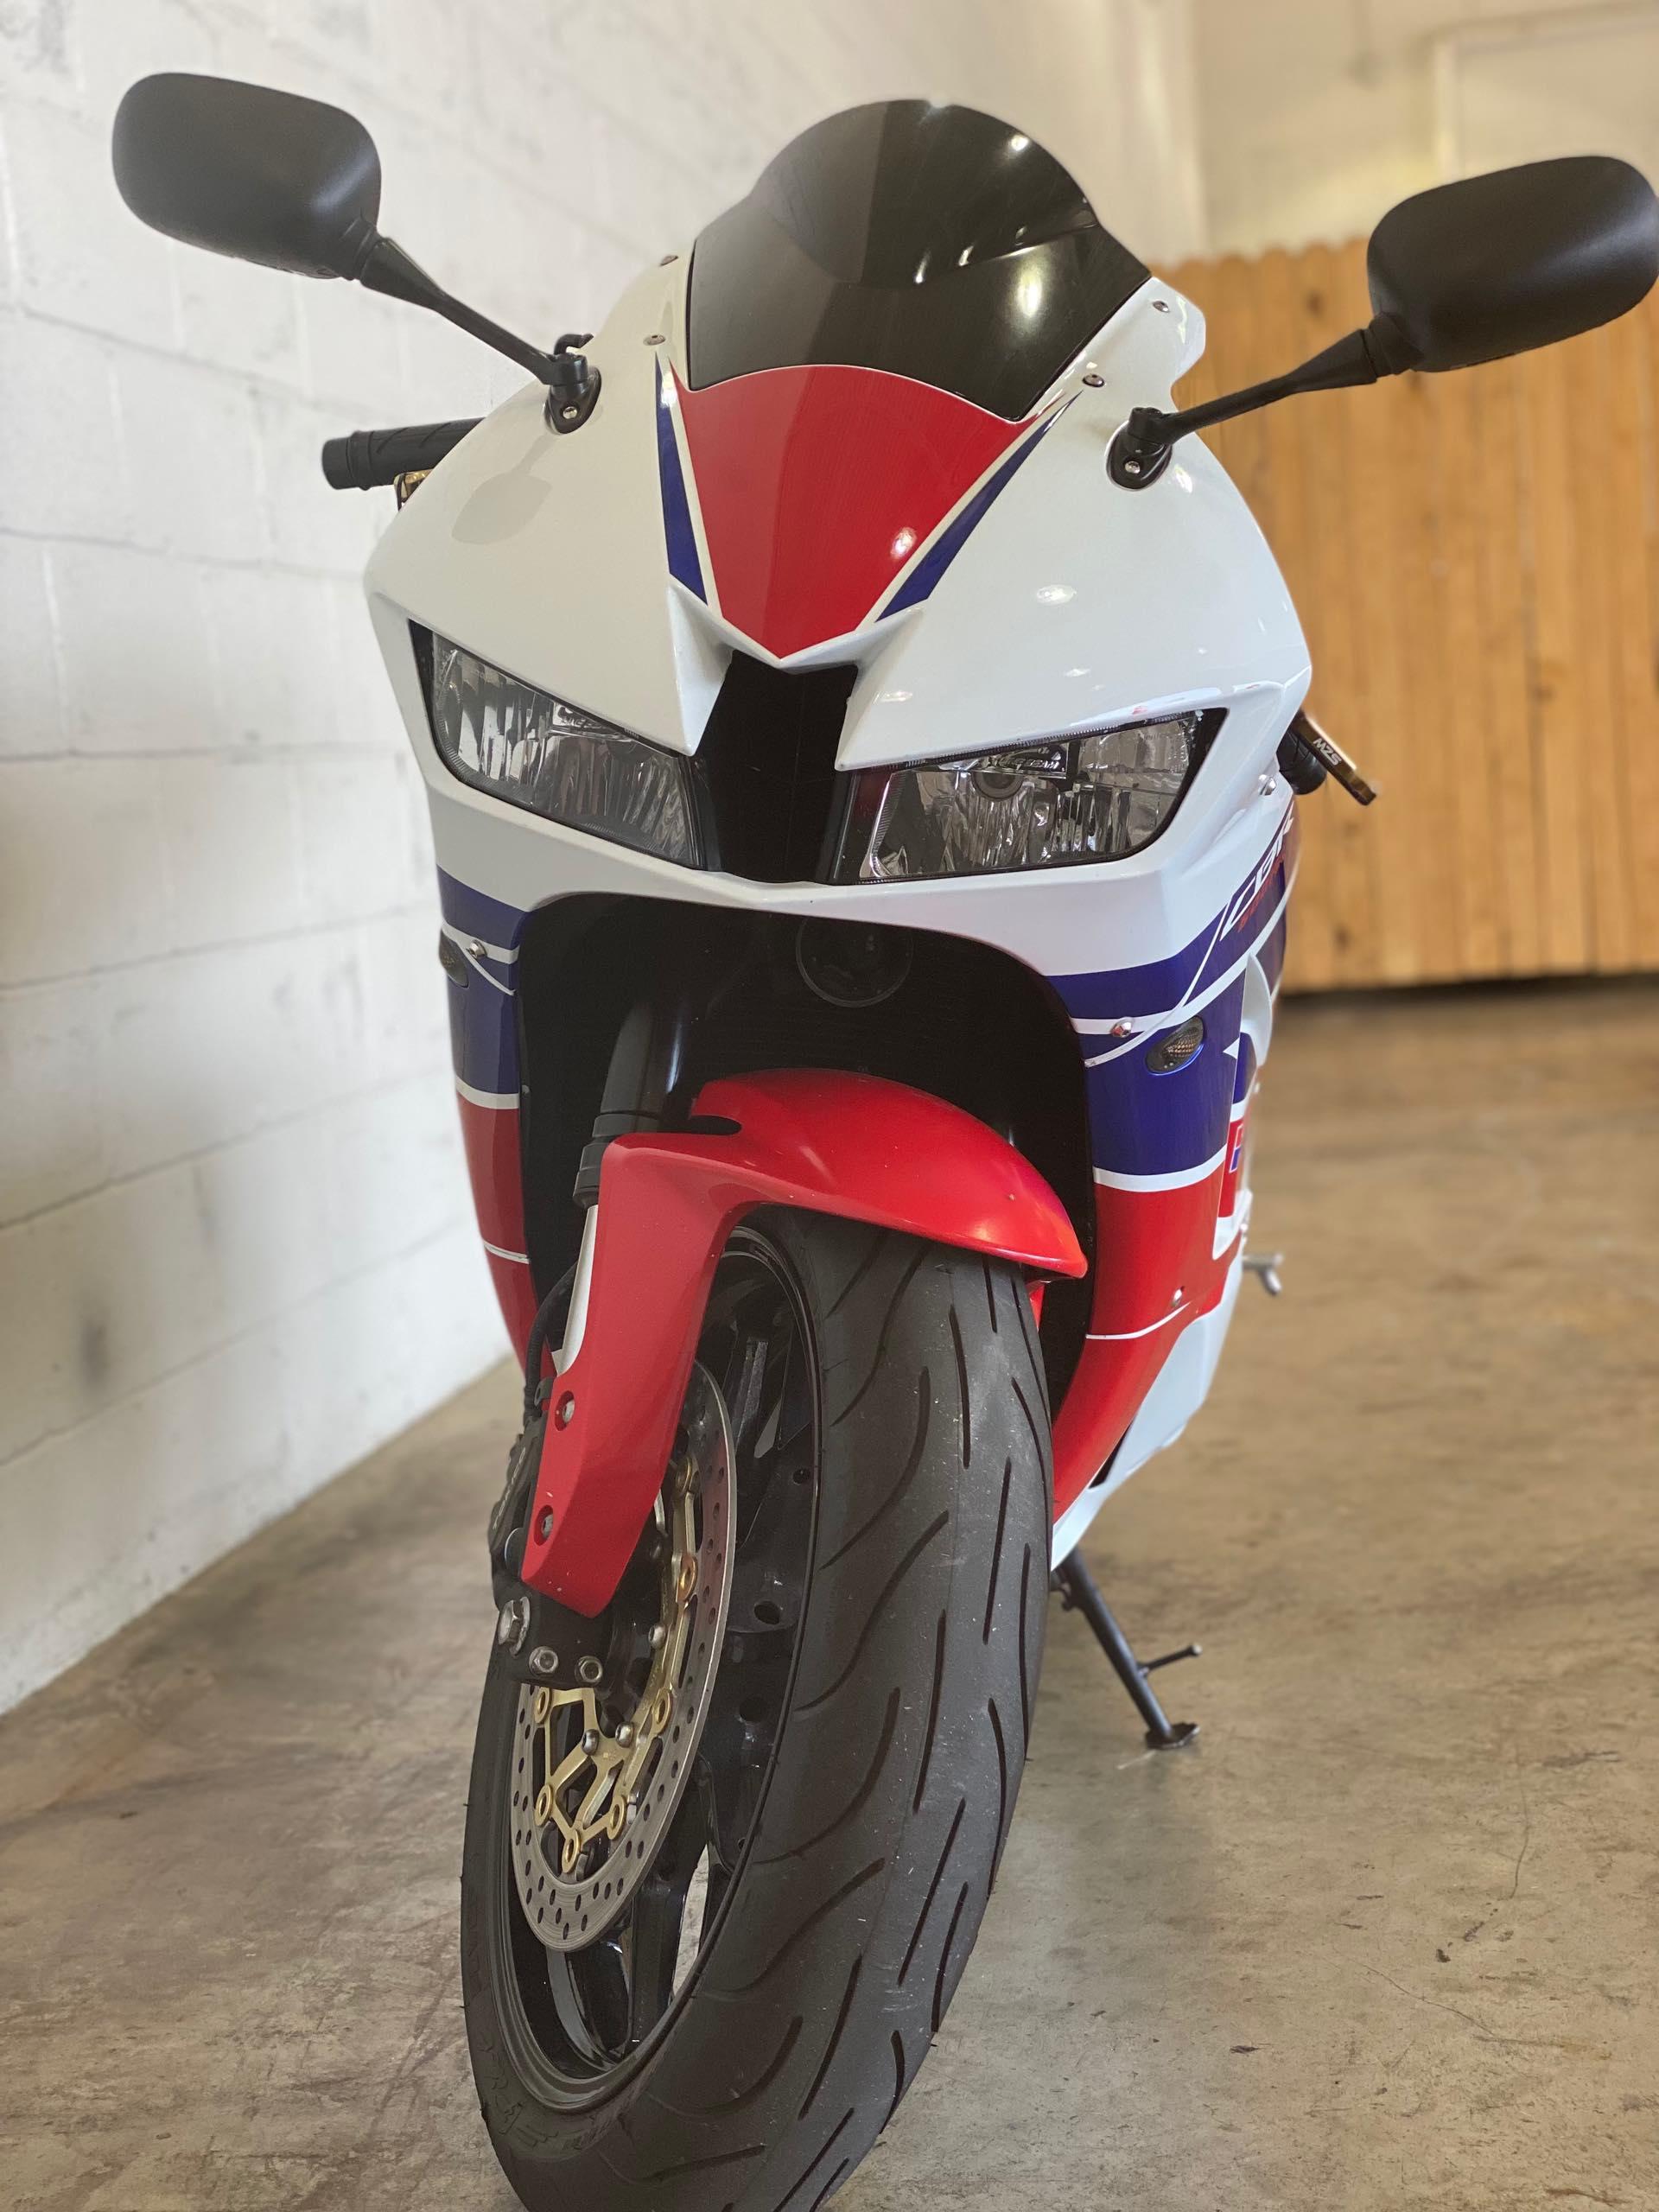 2013 Honda CBR 600RR at Twisted Cycles